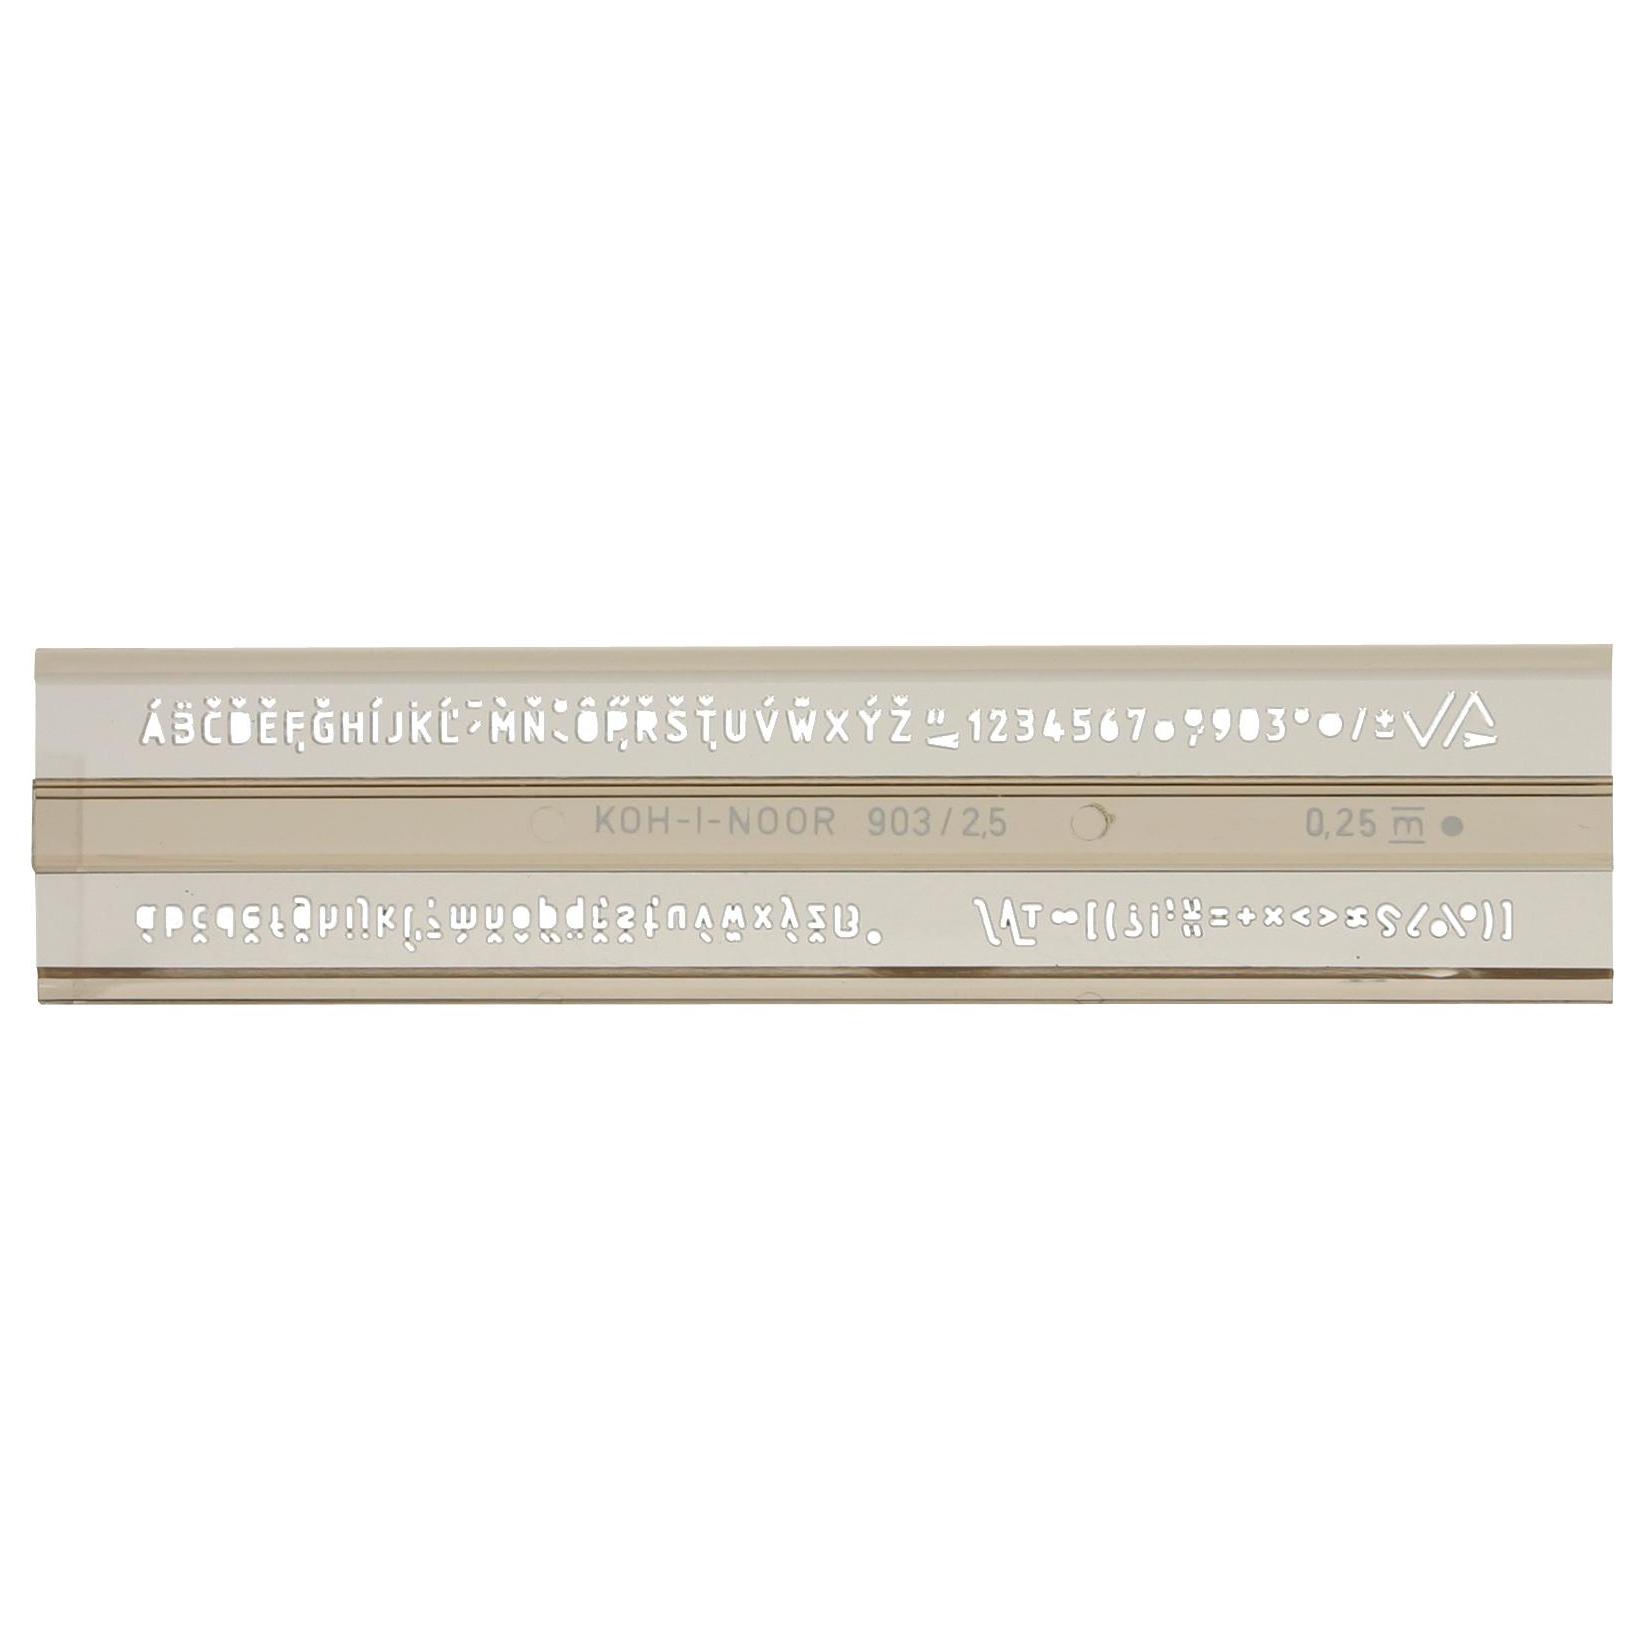 Sablon Koh-I-Noor litere si cifre 2.5 mm KH748031